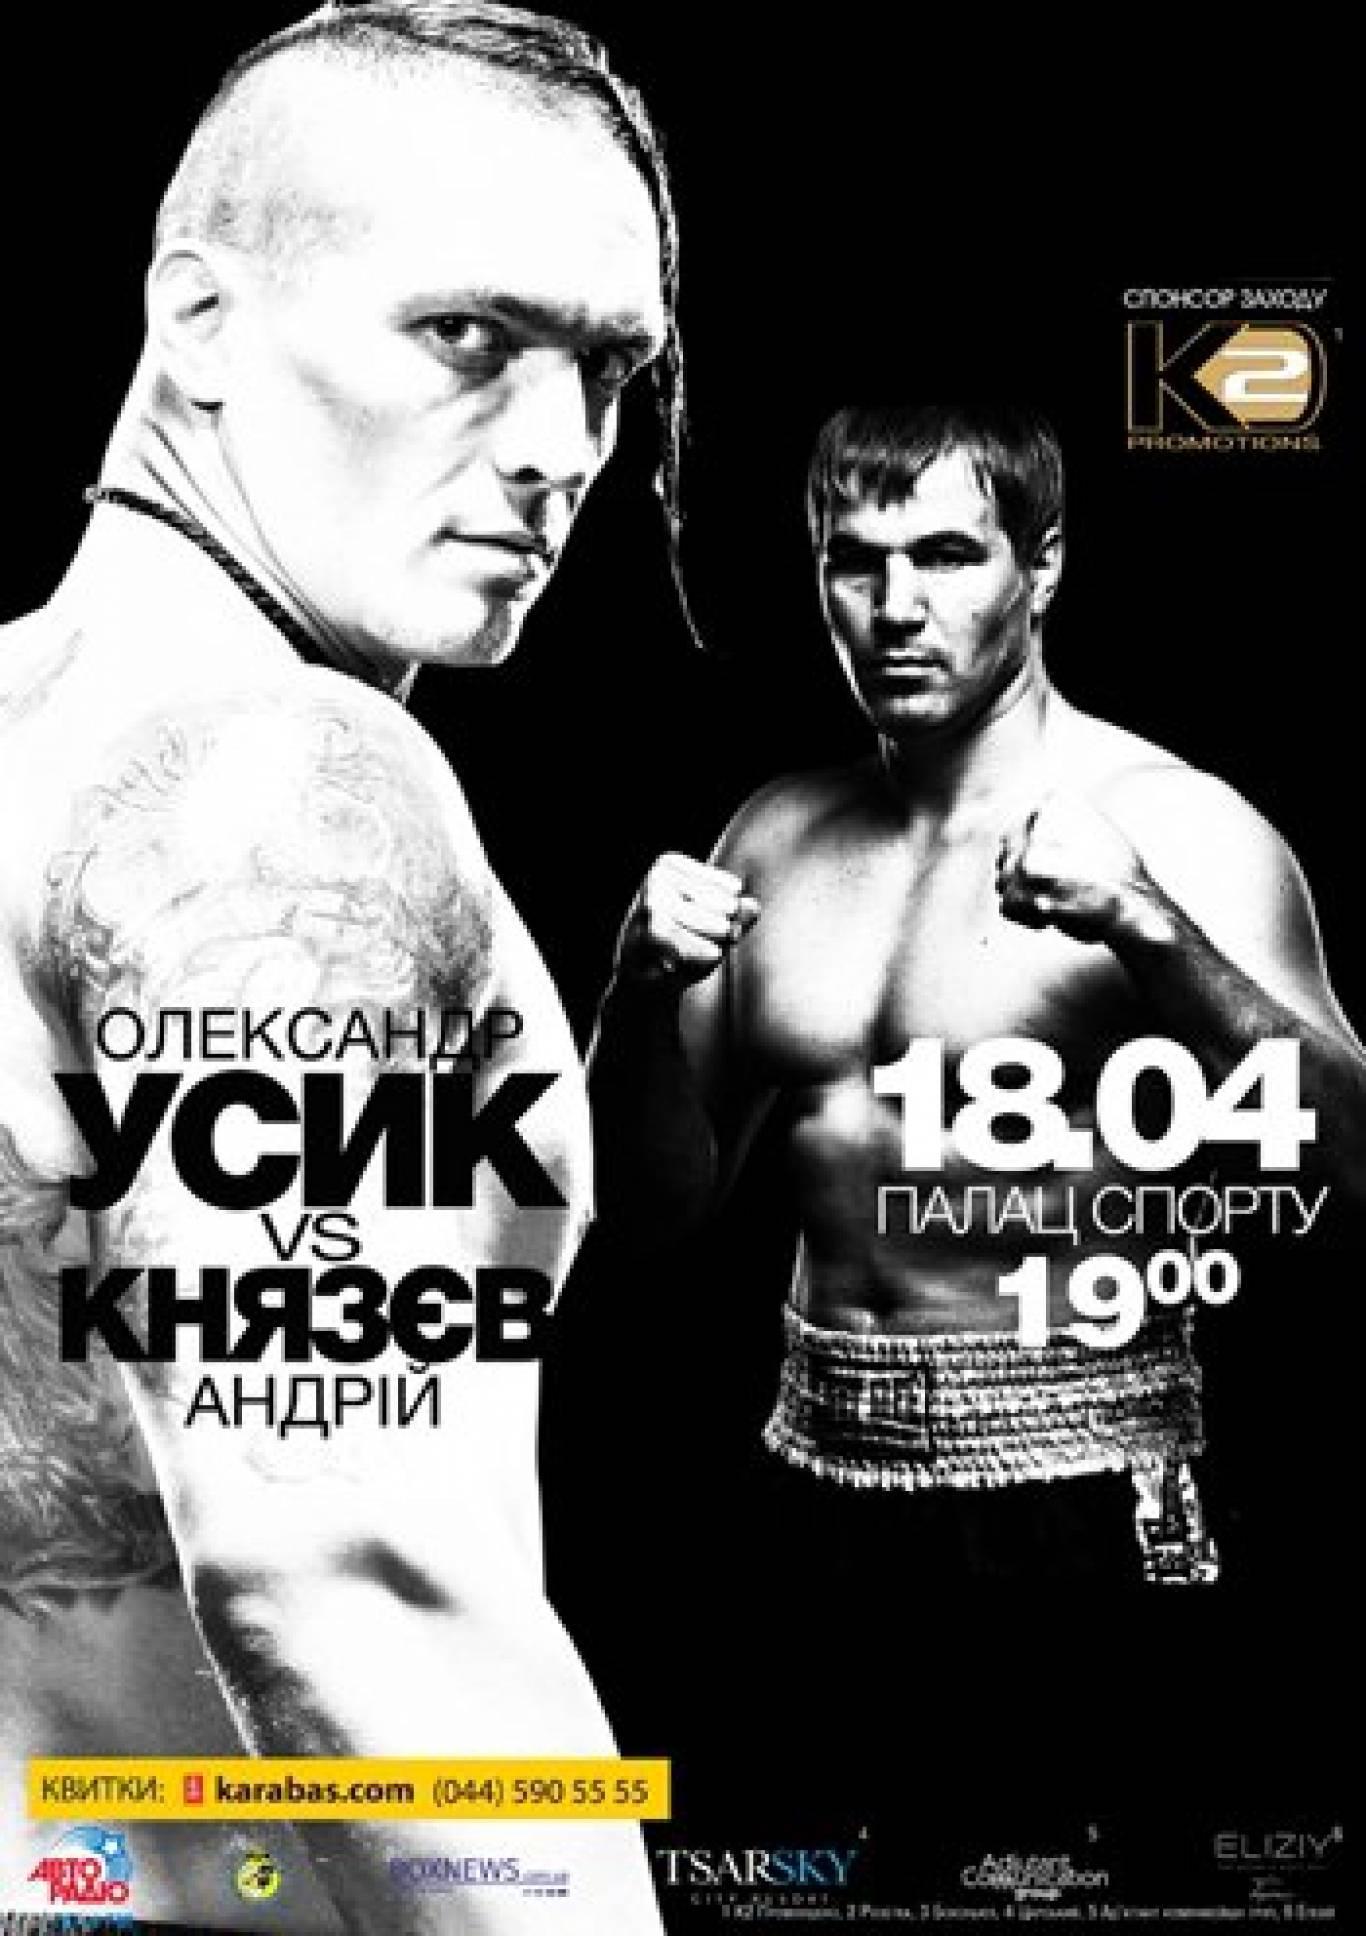 БОКС: Олександр Усик VS Андрій Князєв